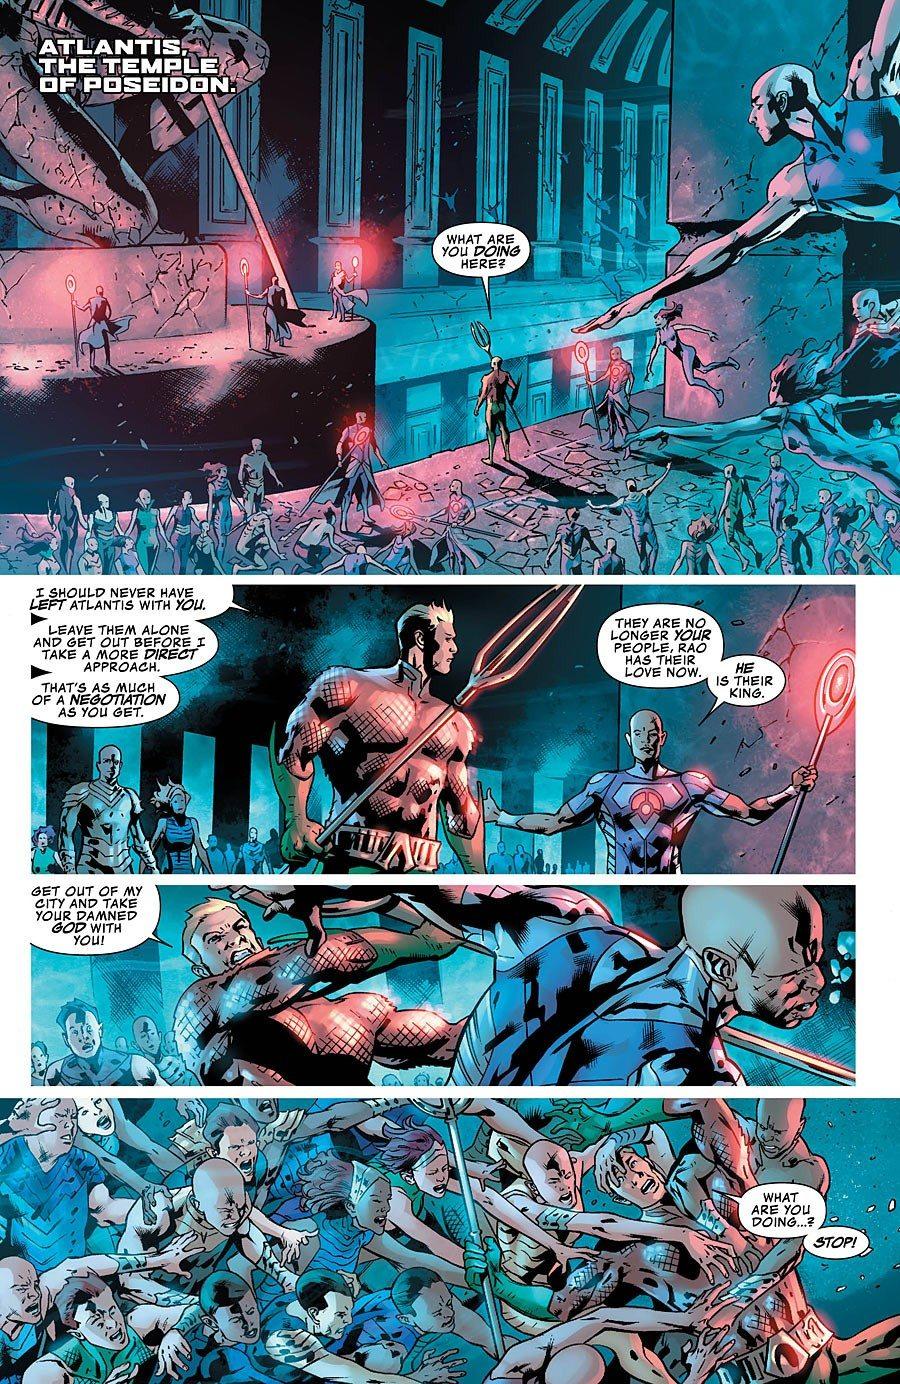 Justice League of America 6 Aquaman